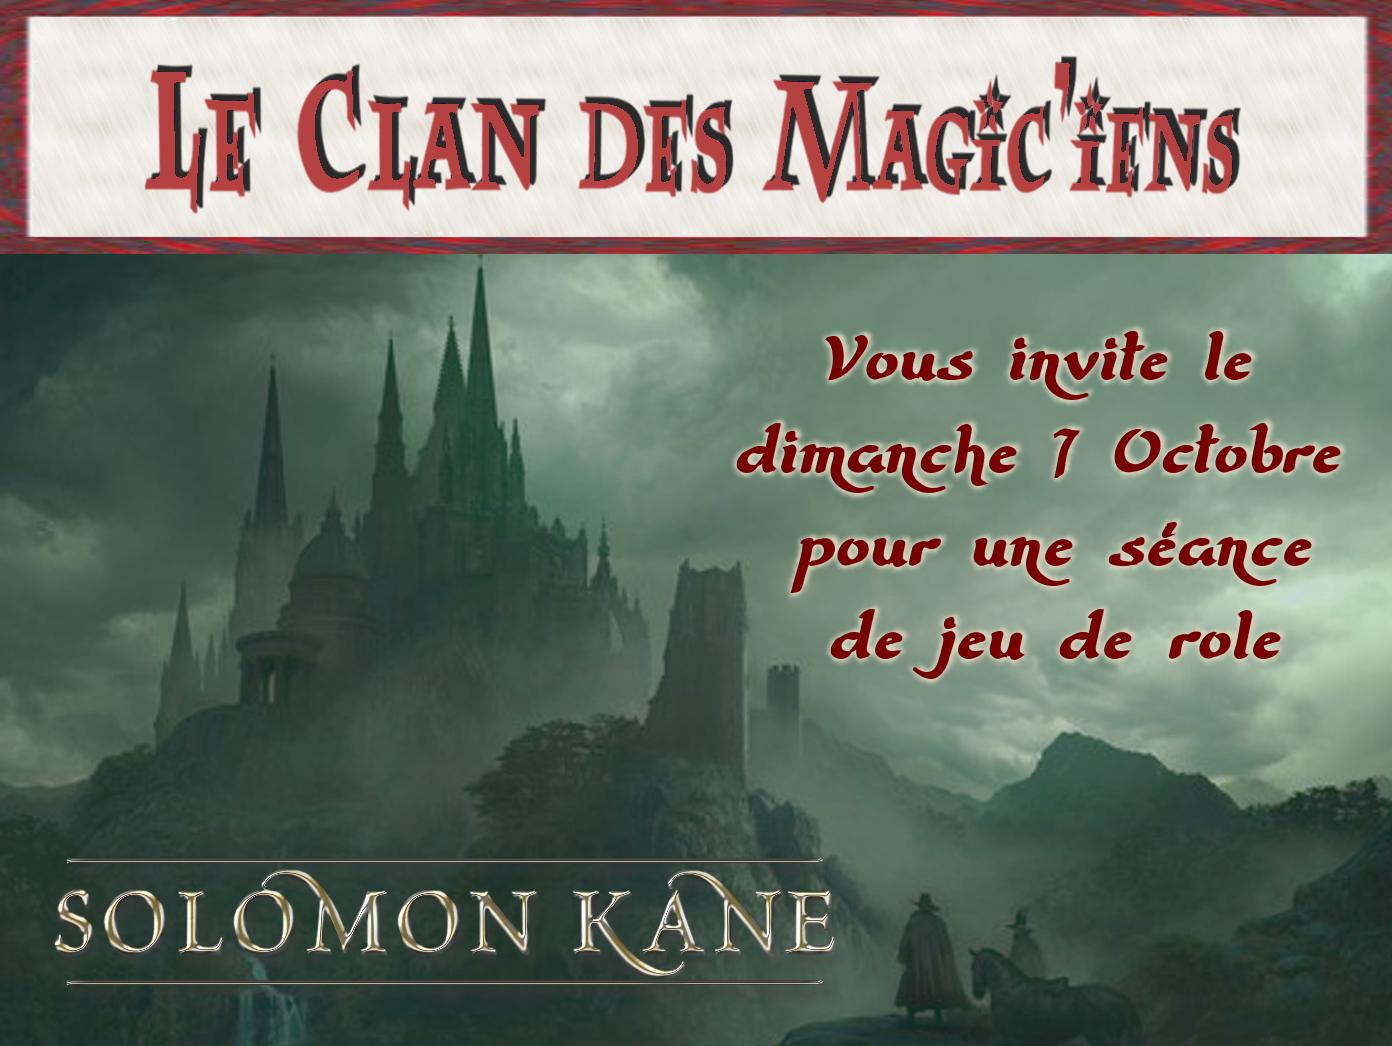 Dimanche 7 Octobre : Jeu de rôle (Solomon Kane) à partir de 14 h Omq47